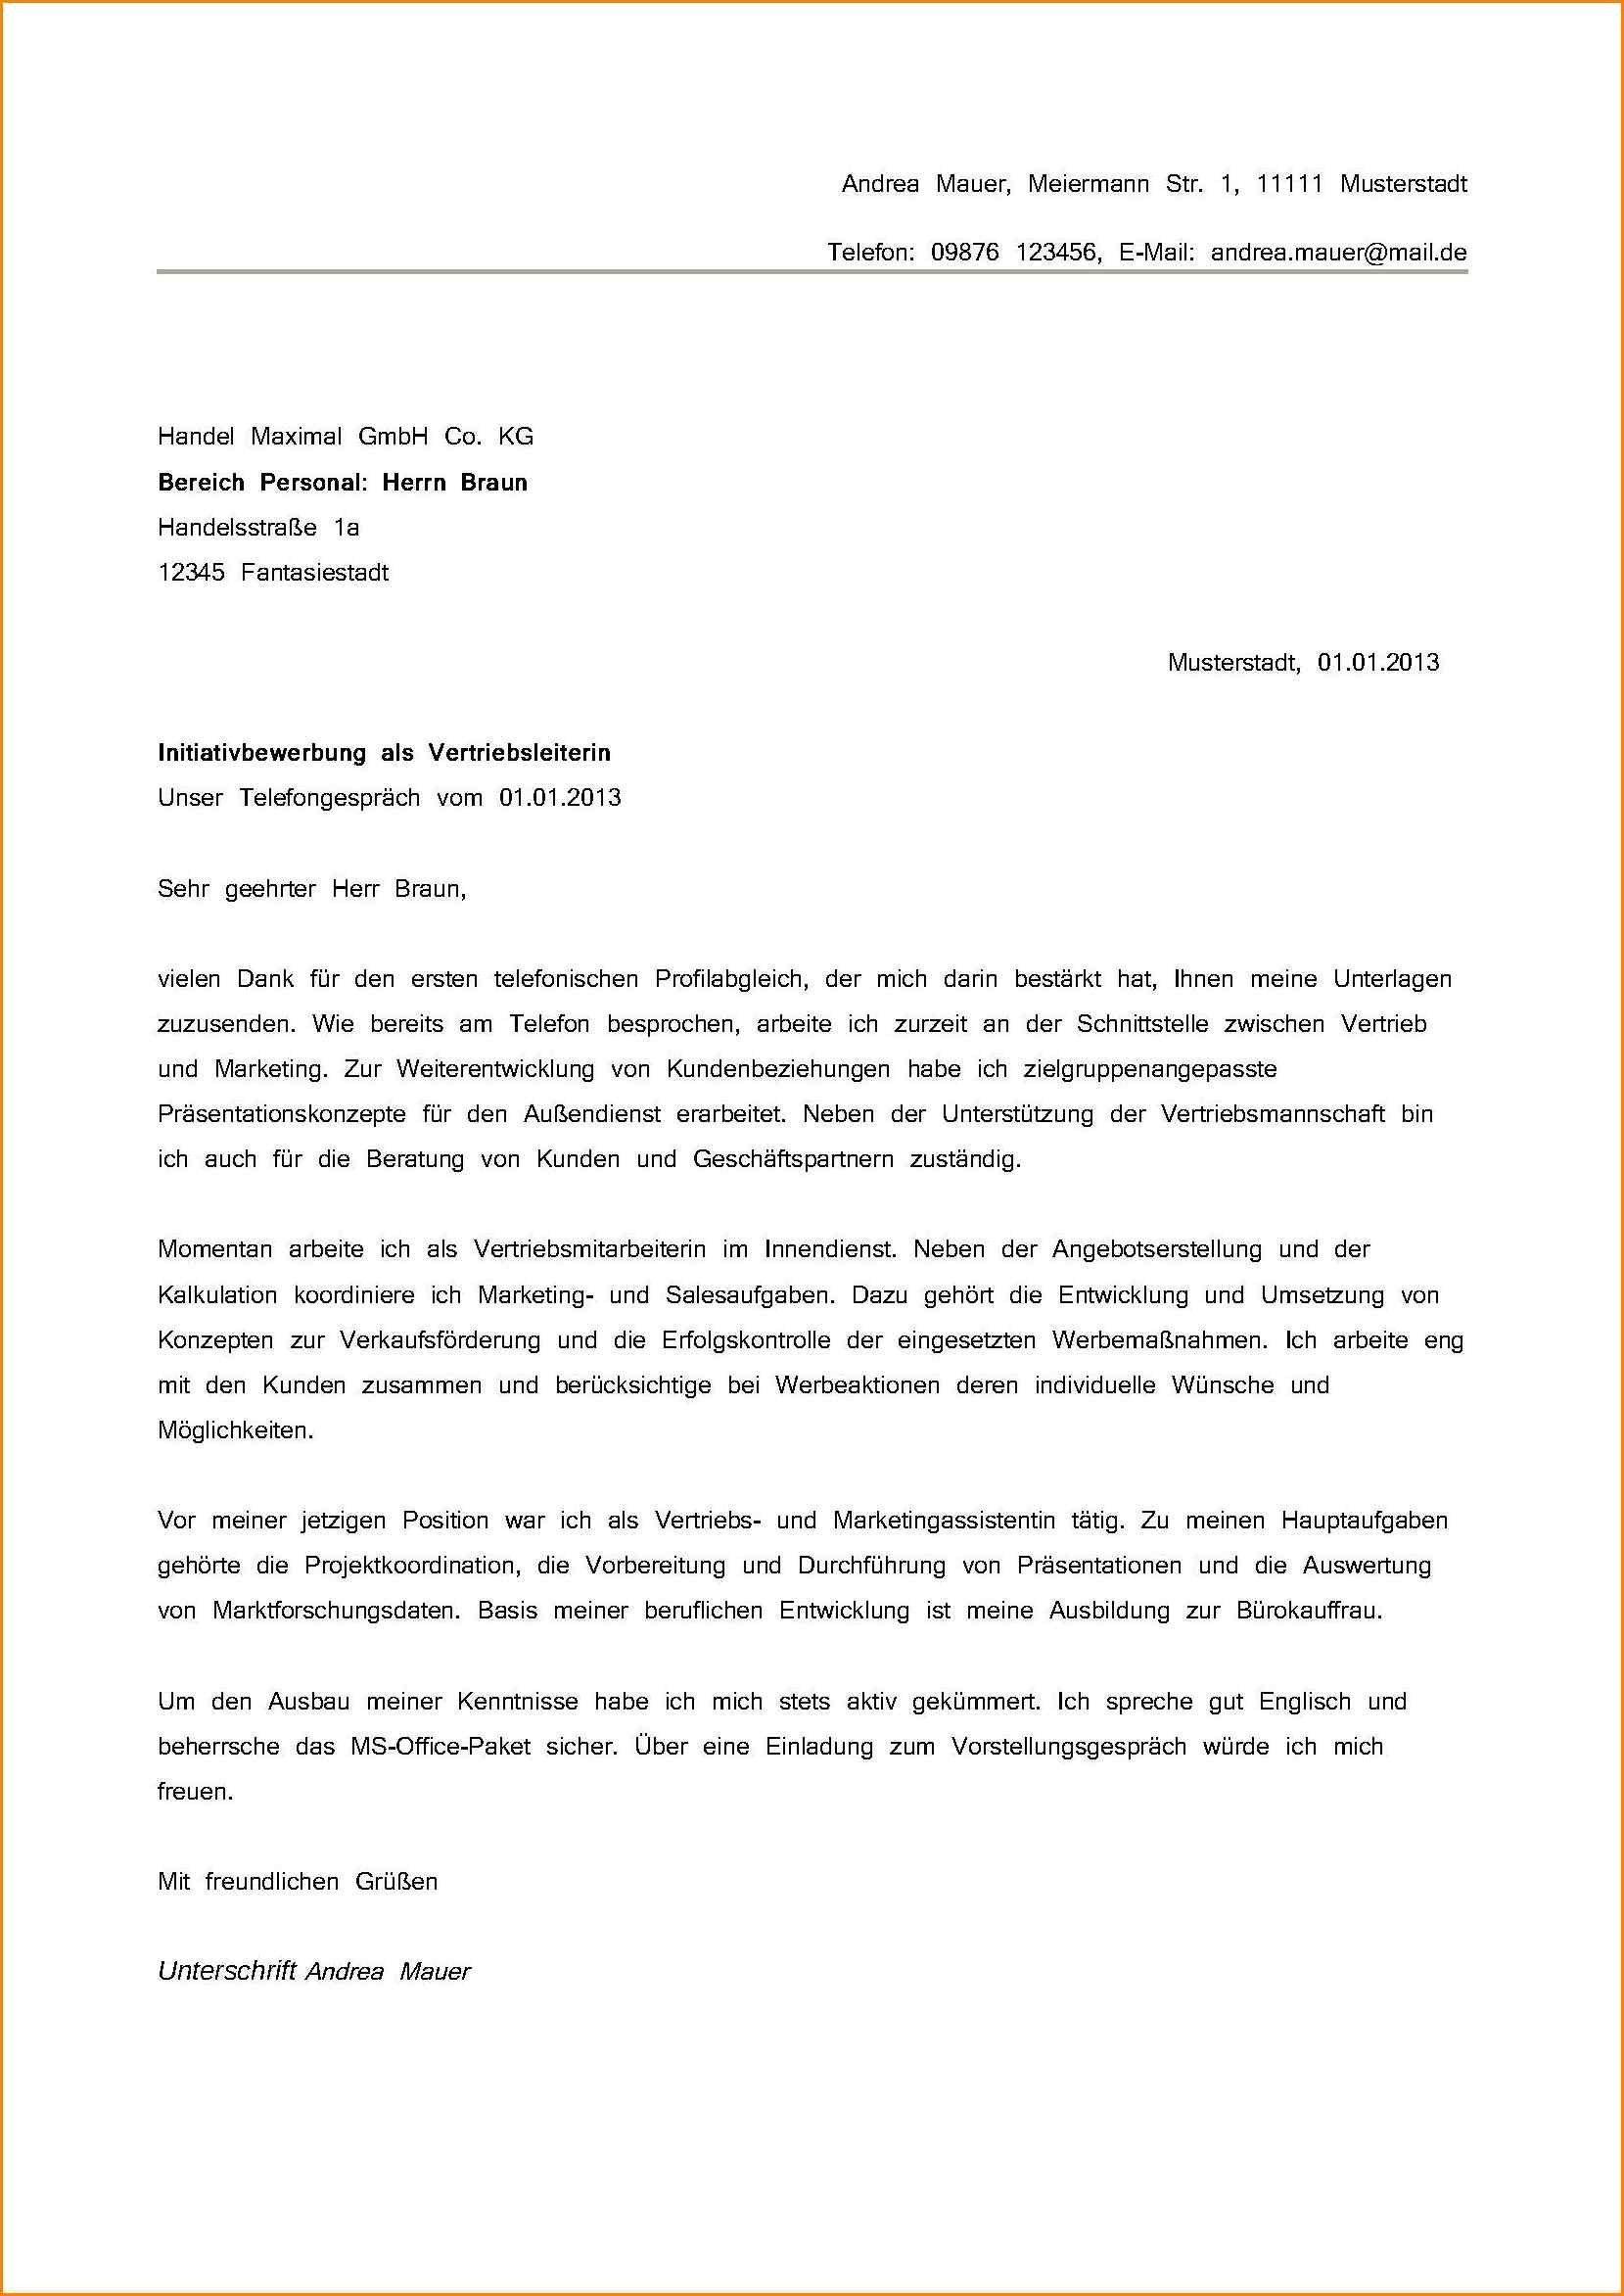 Nouvelle Modèle Lettre De Motivation Suisse Free cv